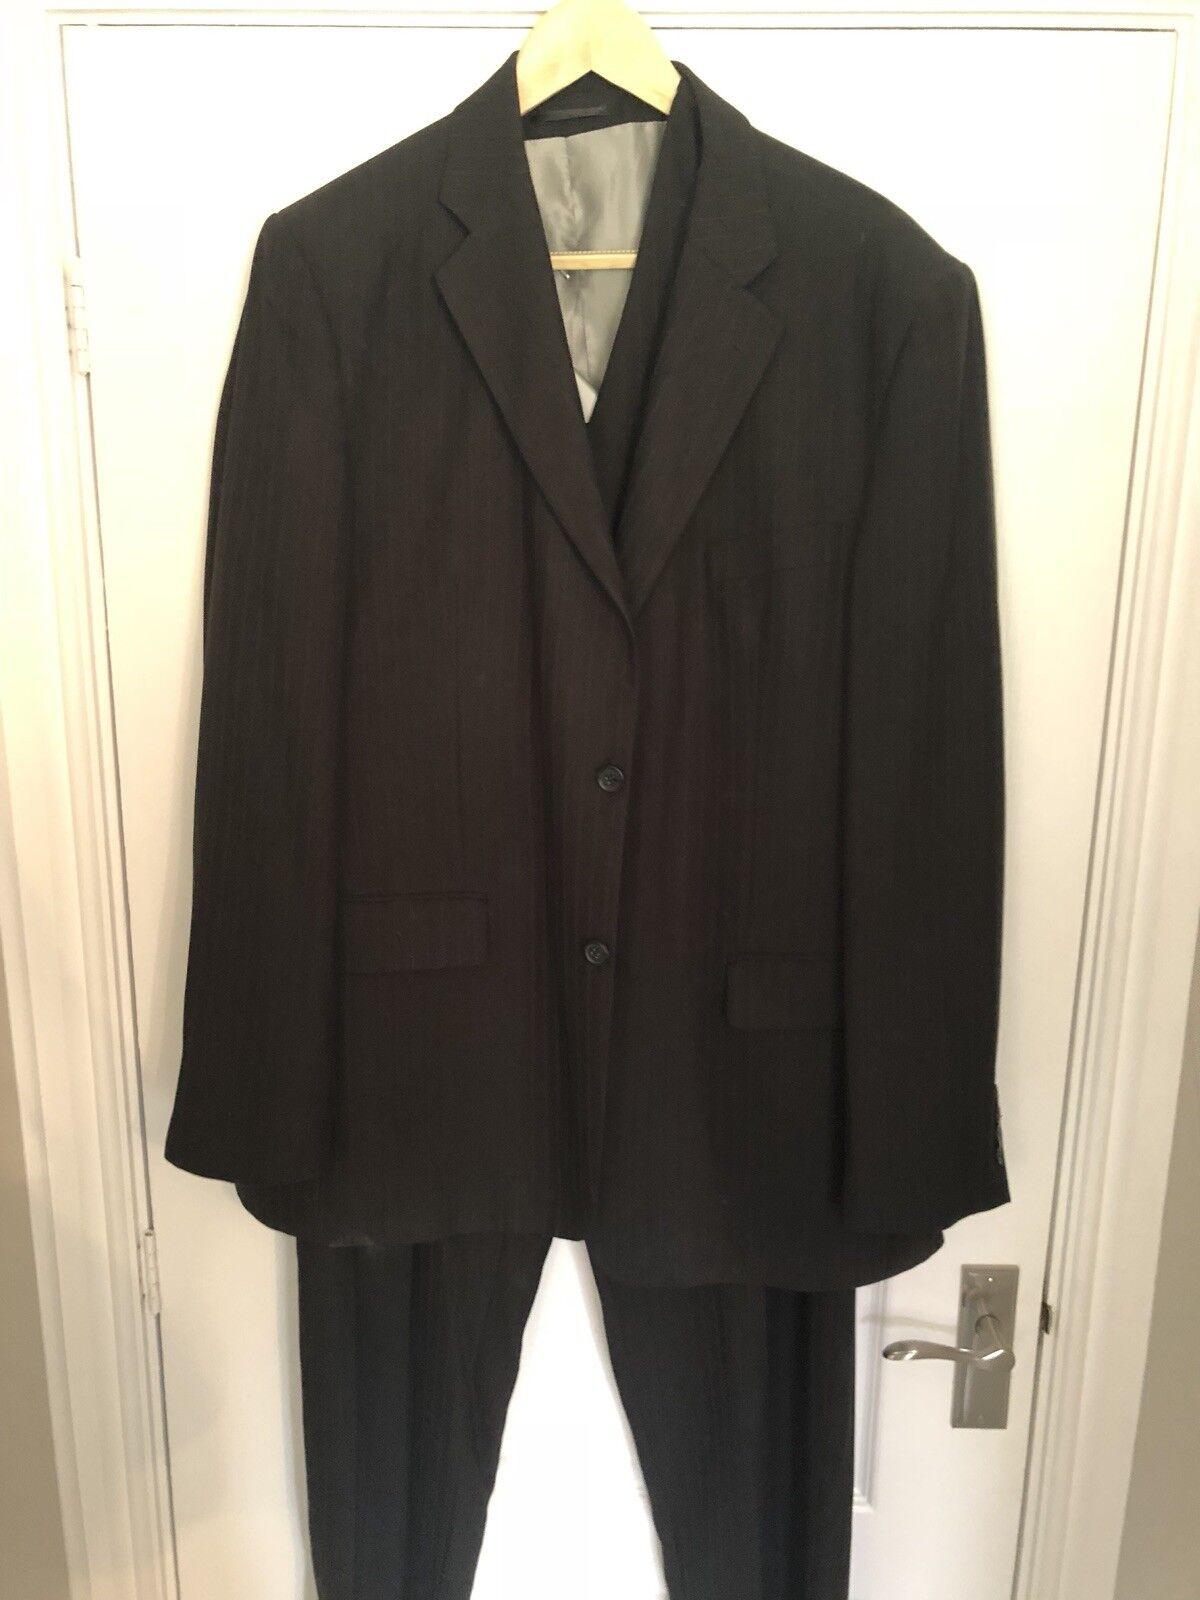 Herren 3 piece suit